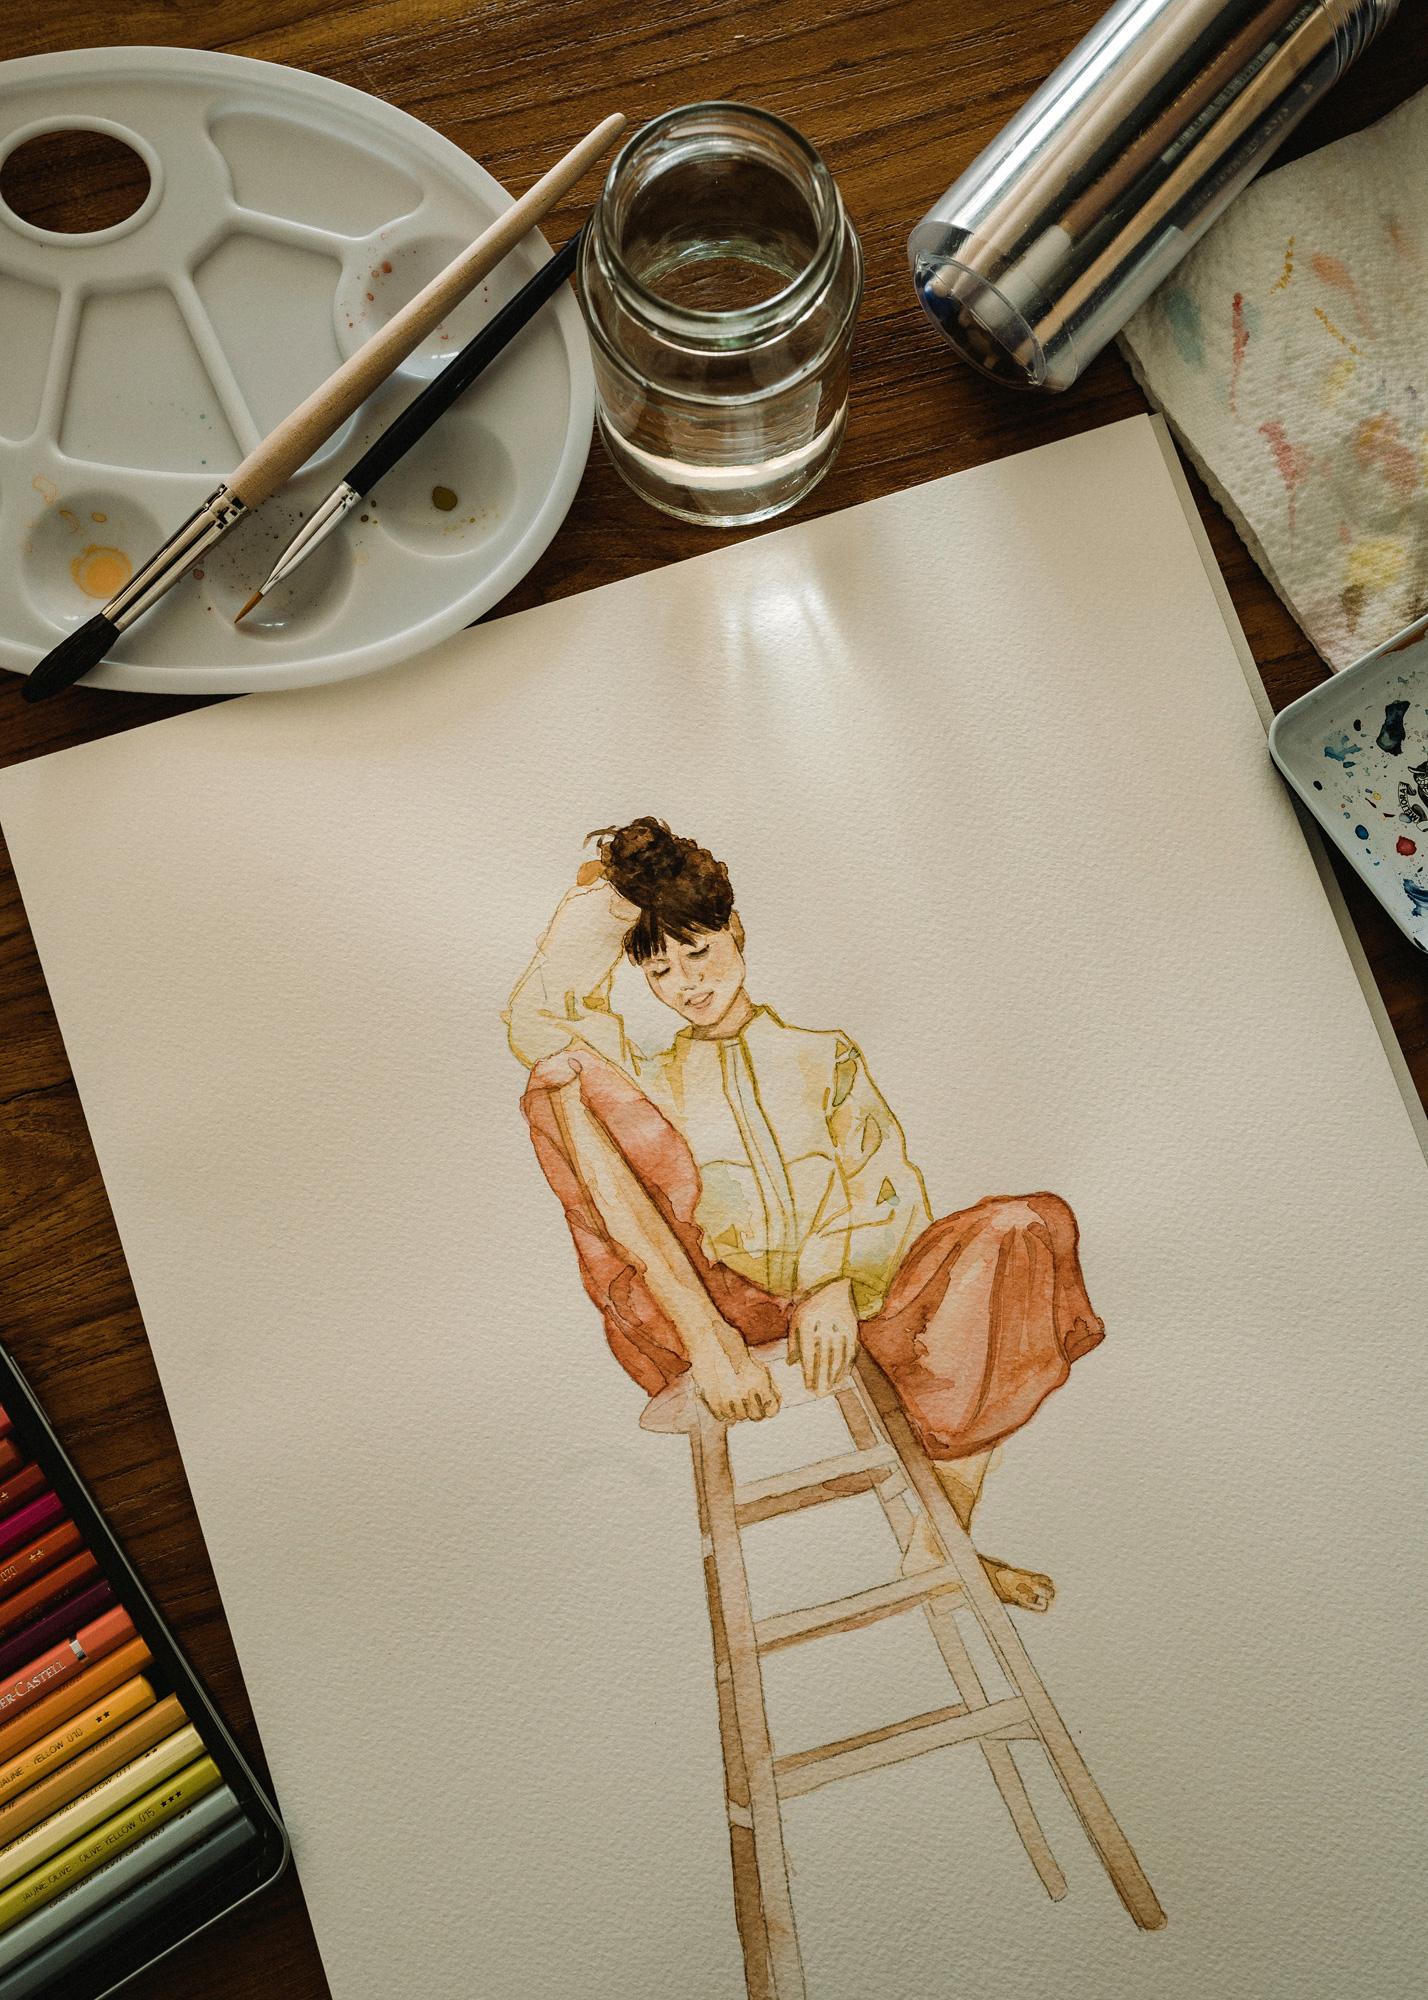 Aquarell-Bild einer Frau, die auf einem Hocker sitzt.